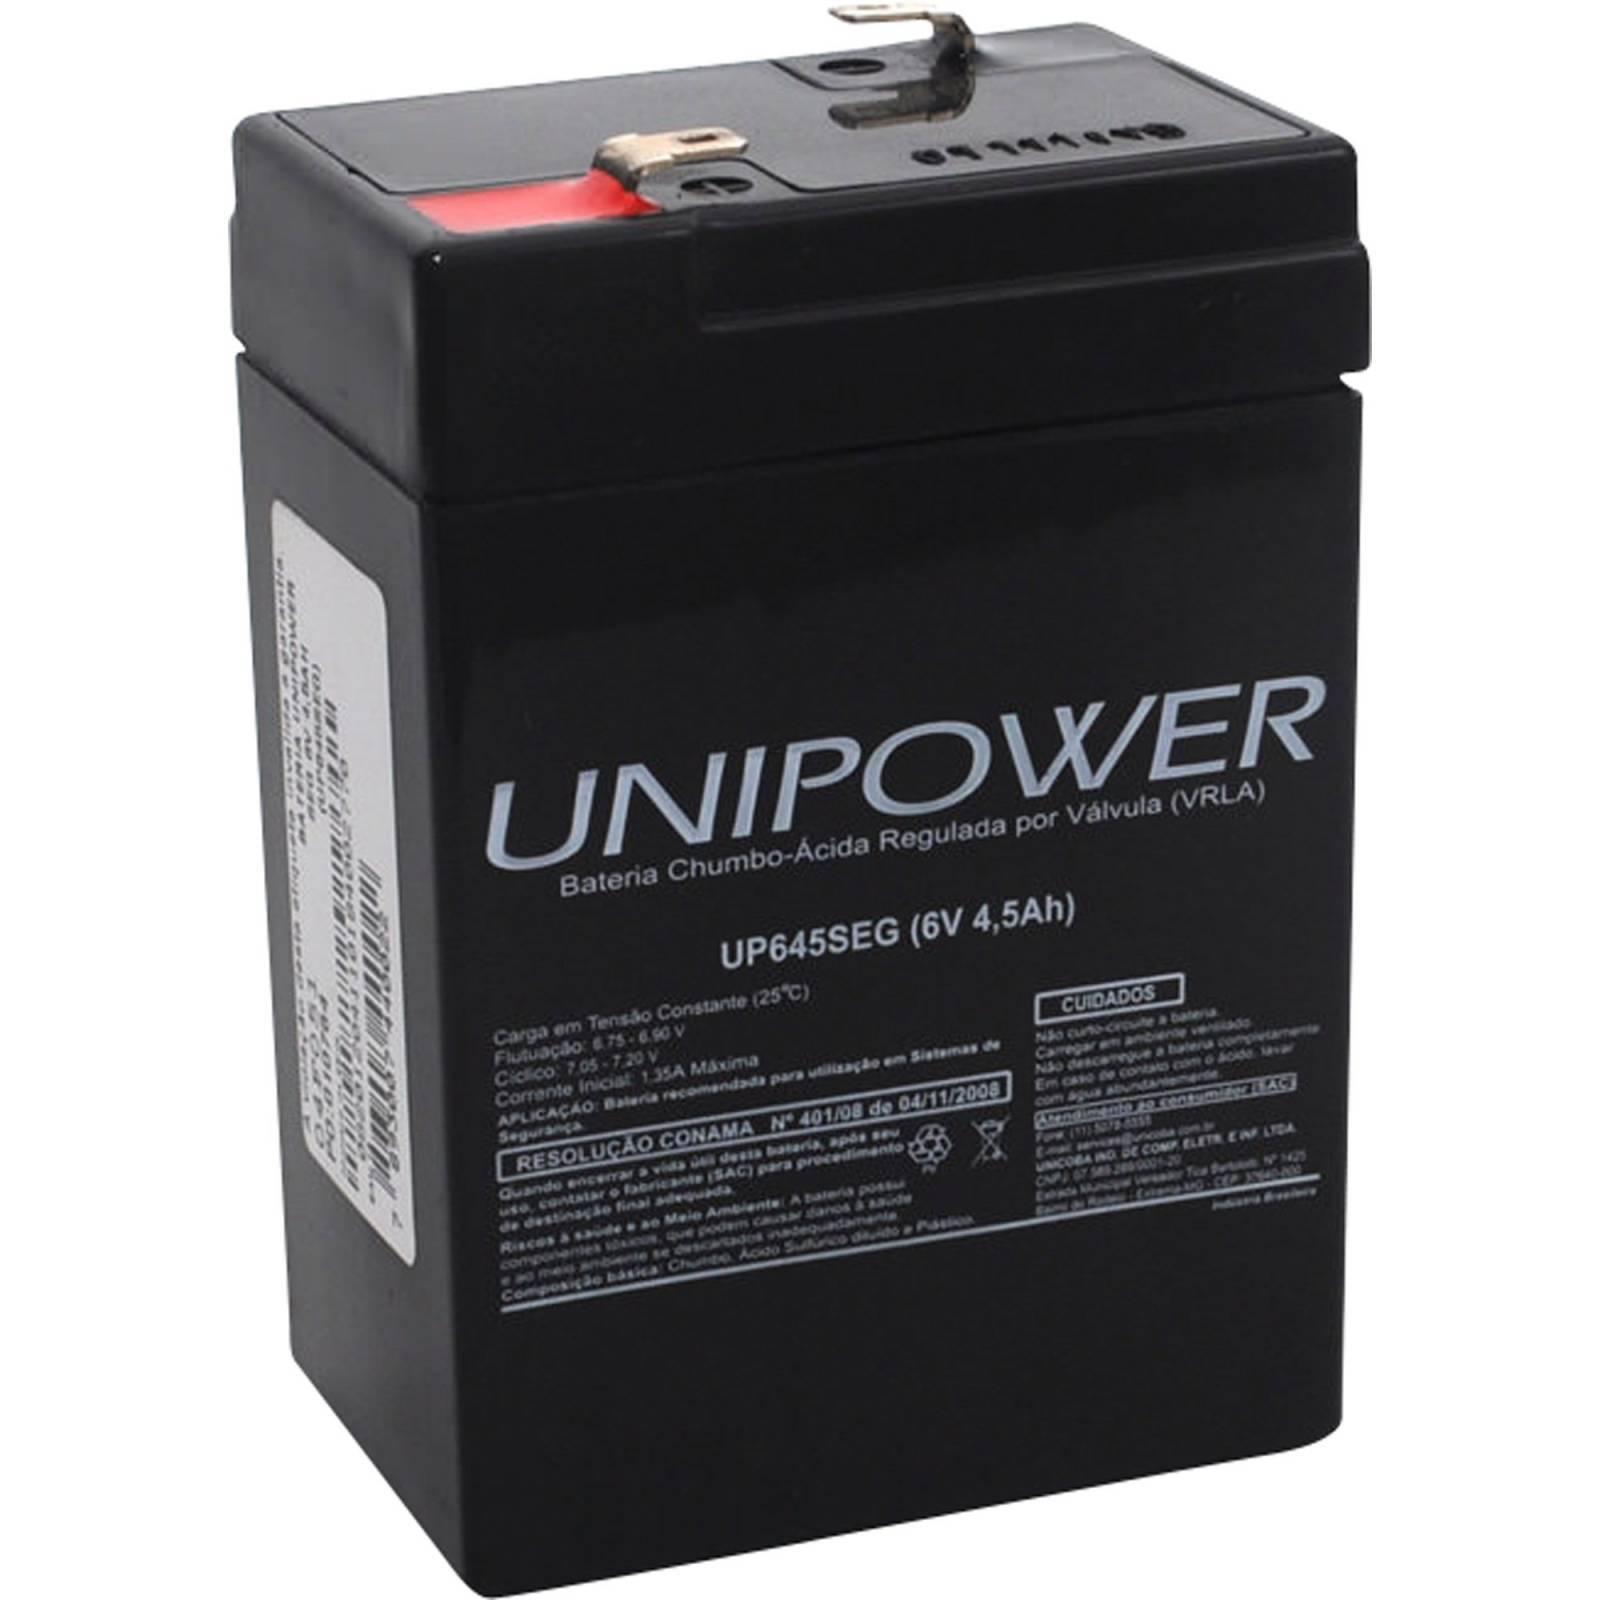 Bateria Selada 6V 4,5Ah UP645 SEG VRLA UNIPOWER - Casa da Pilha